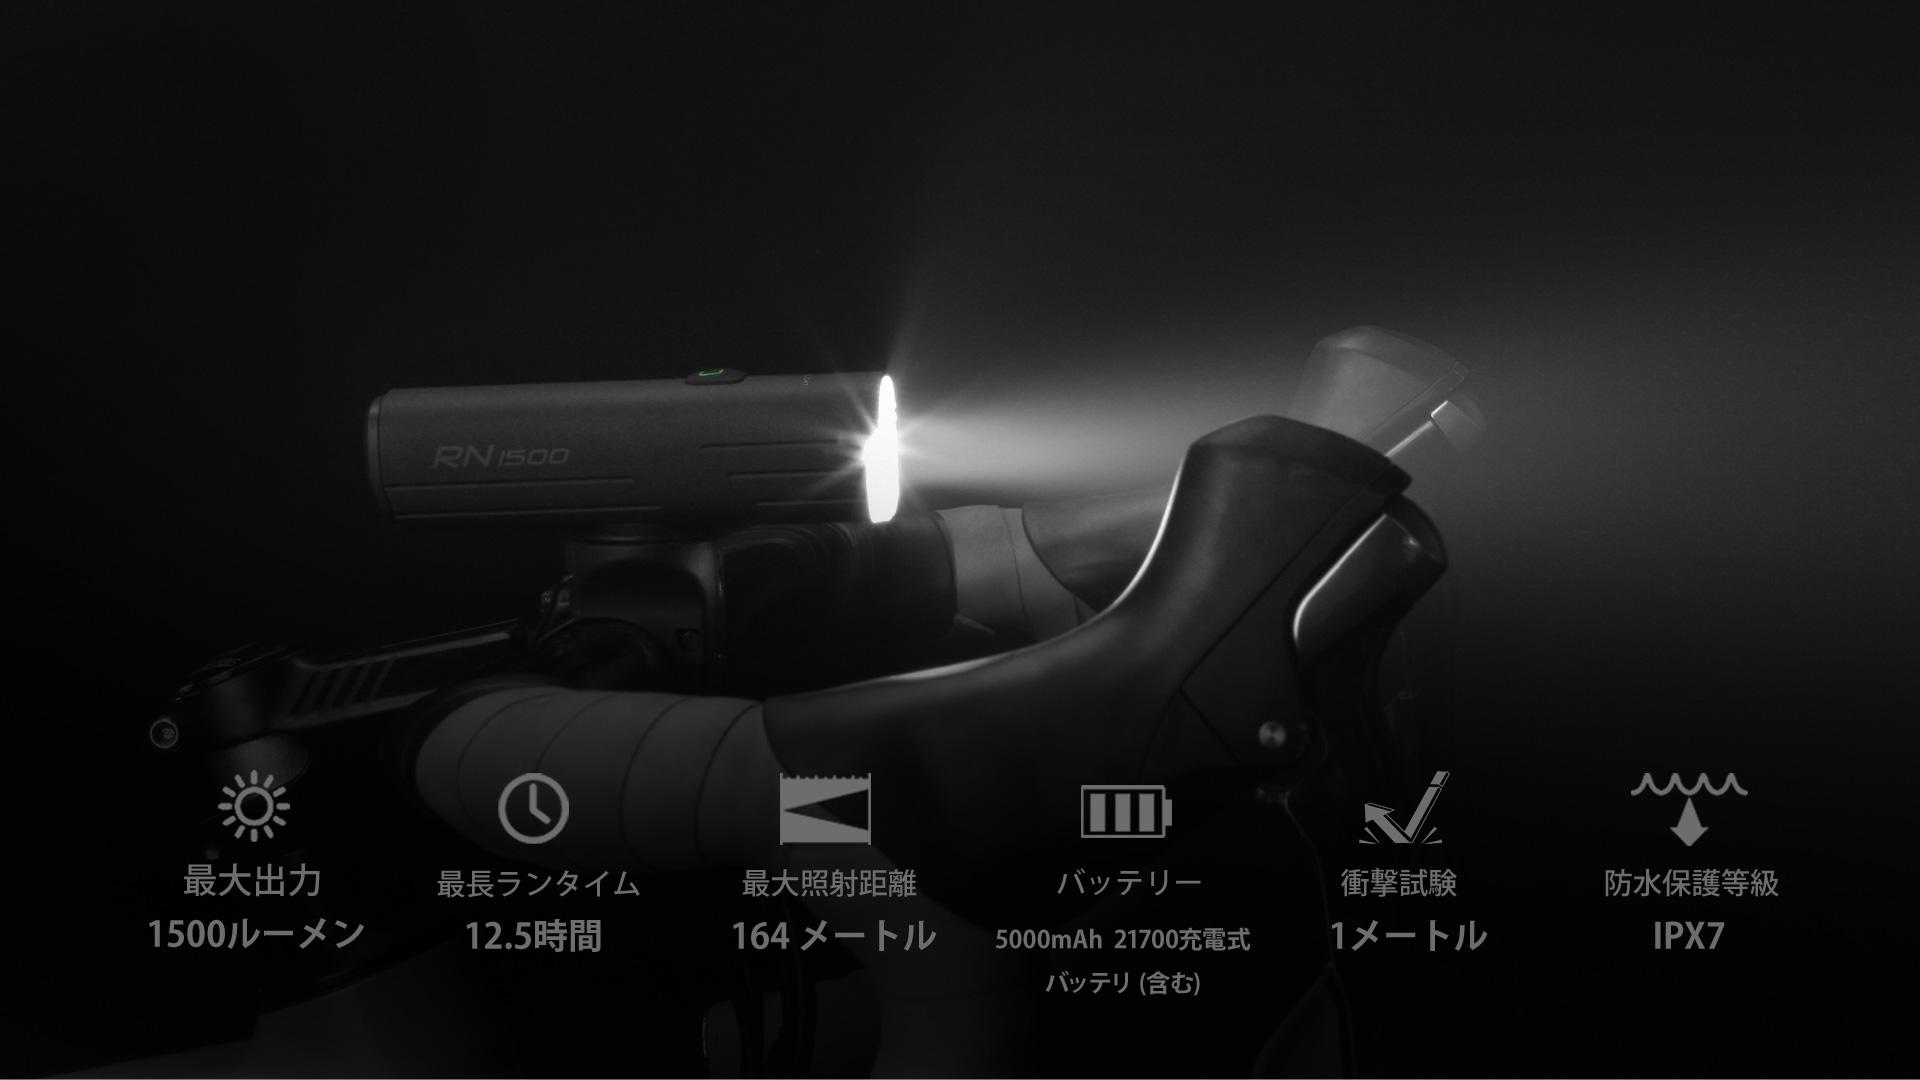 RN1500は、通学/通勤、サイクリング、サイクリング競技、暗闇でのライディングのための道路の照明などのシーンに適しています。